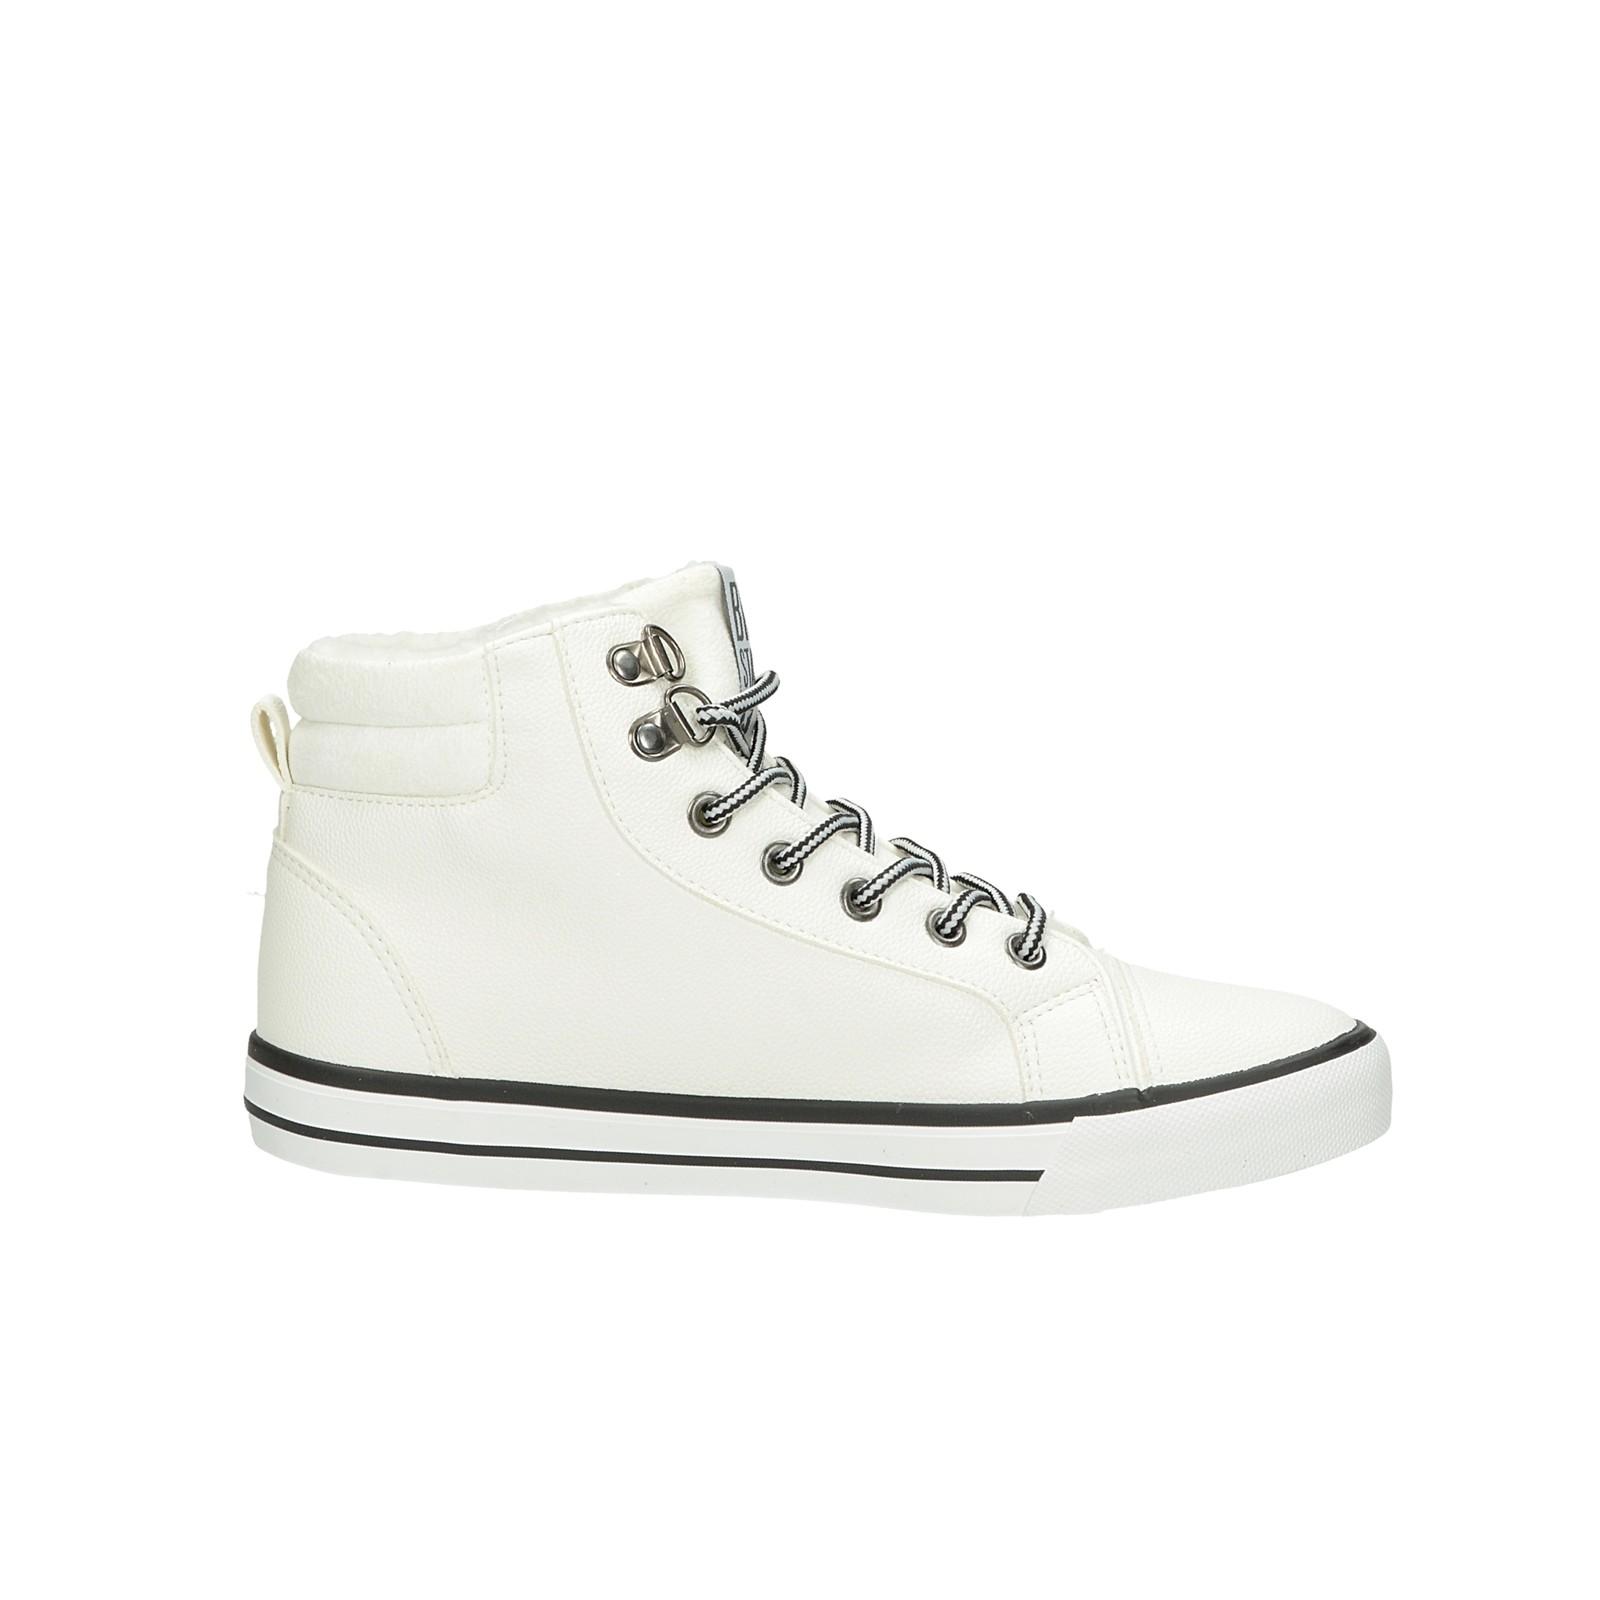 Big Star dámské stylové kotníkové boty - bílé